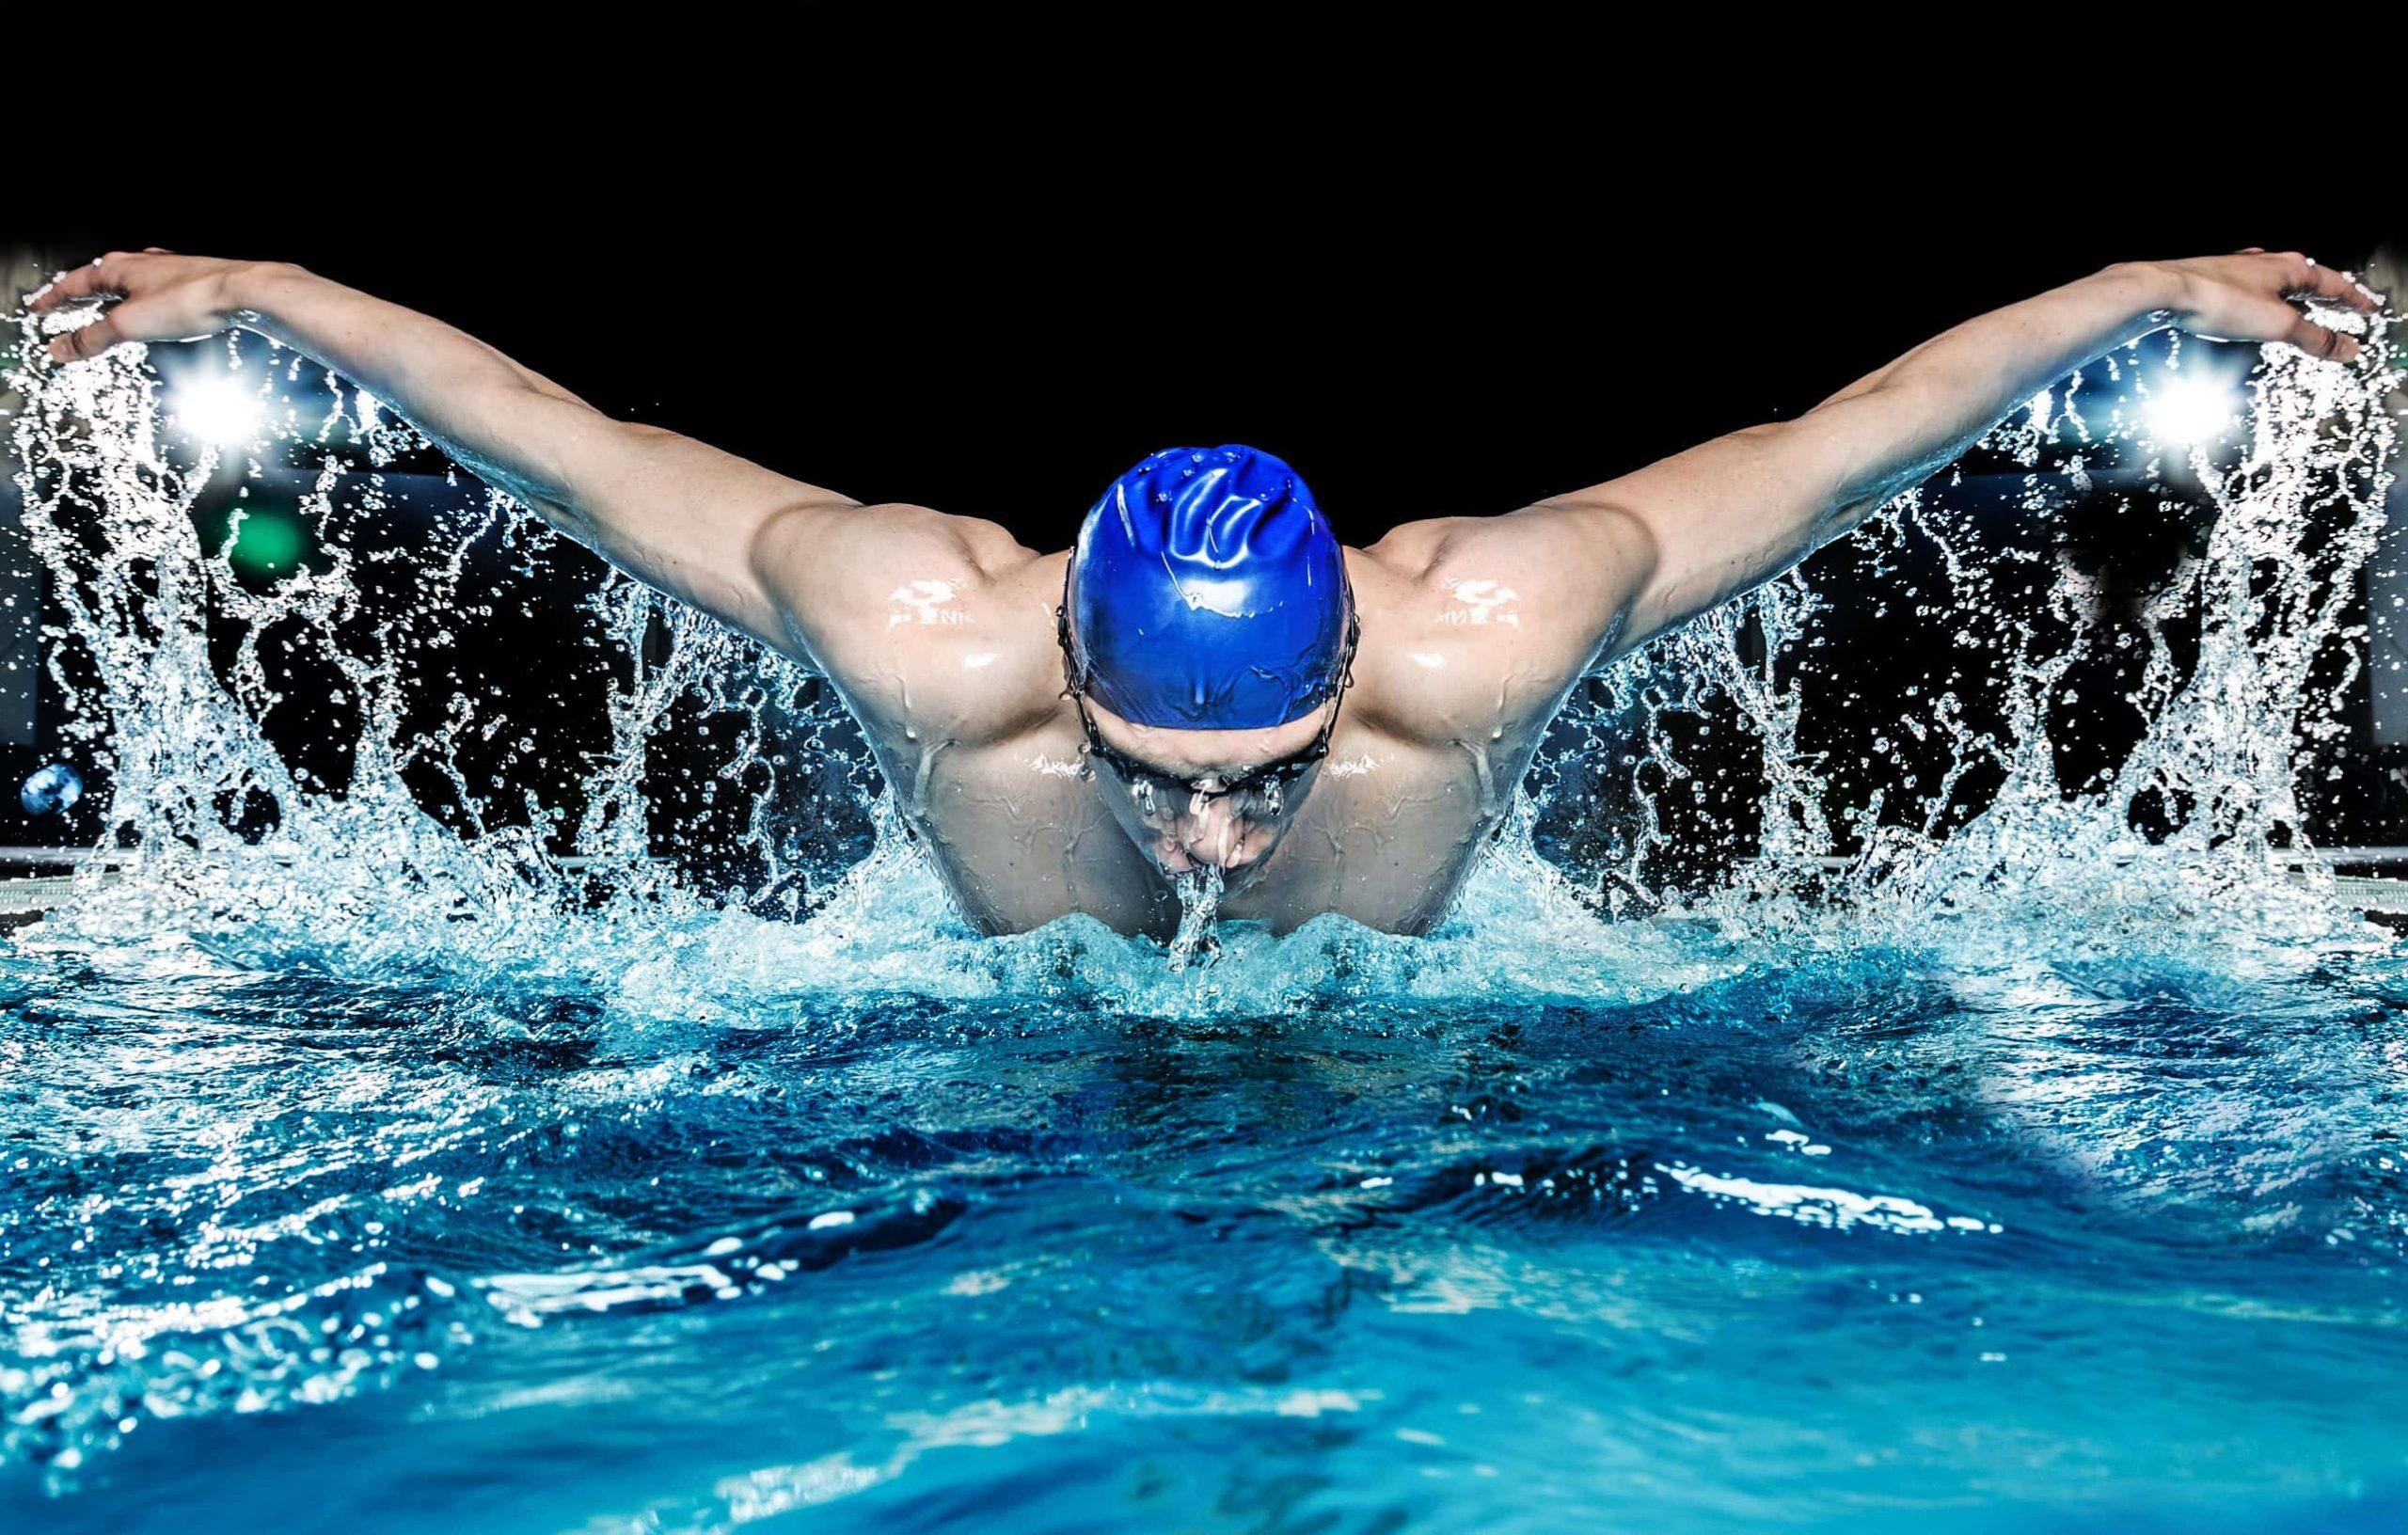 Conheça 11 fatos curiosos sobre a natação